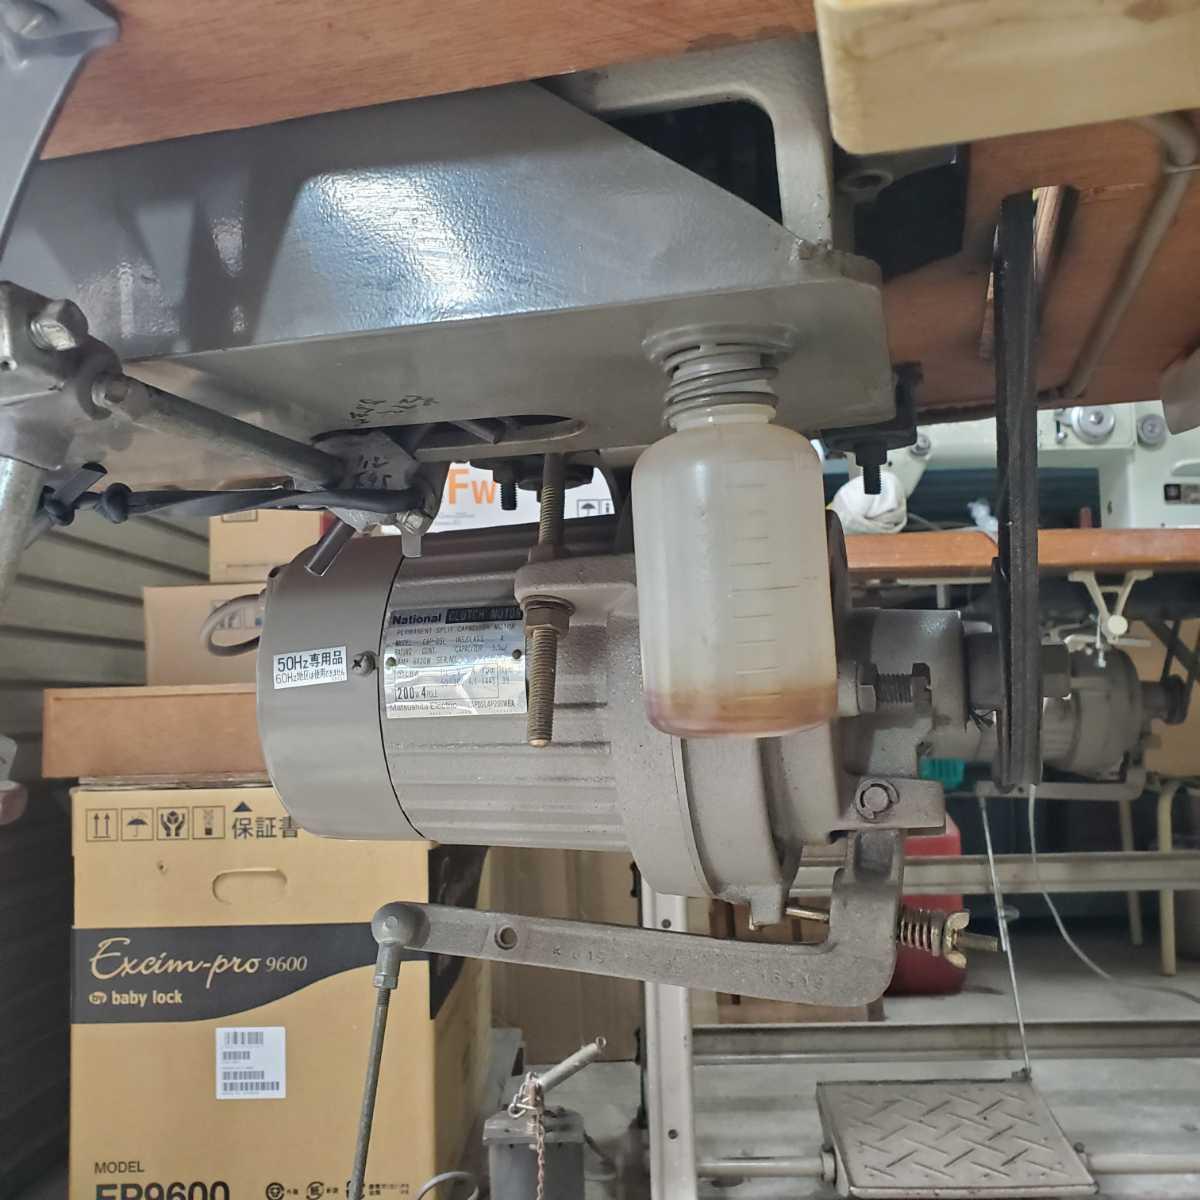 工業用ミシン、革、レザー、テント、シート、その他厚物縫いミシン、三菱MITSUBISHI 上下送り倍釜ミシンDY-350 !整備済み品、綺麗!_画像8